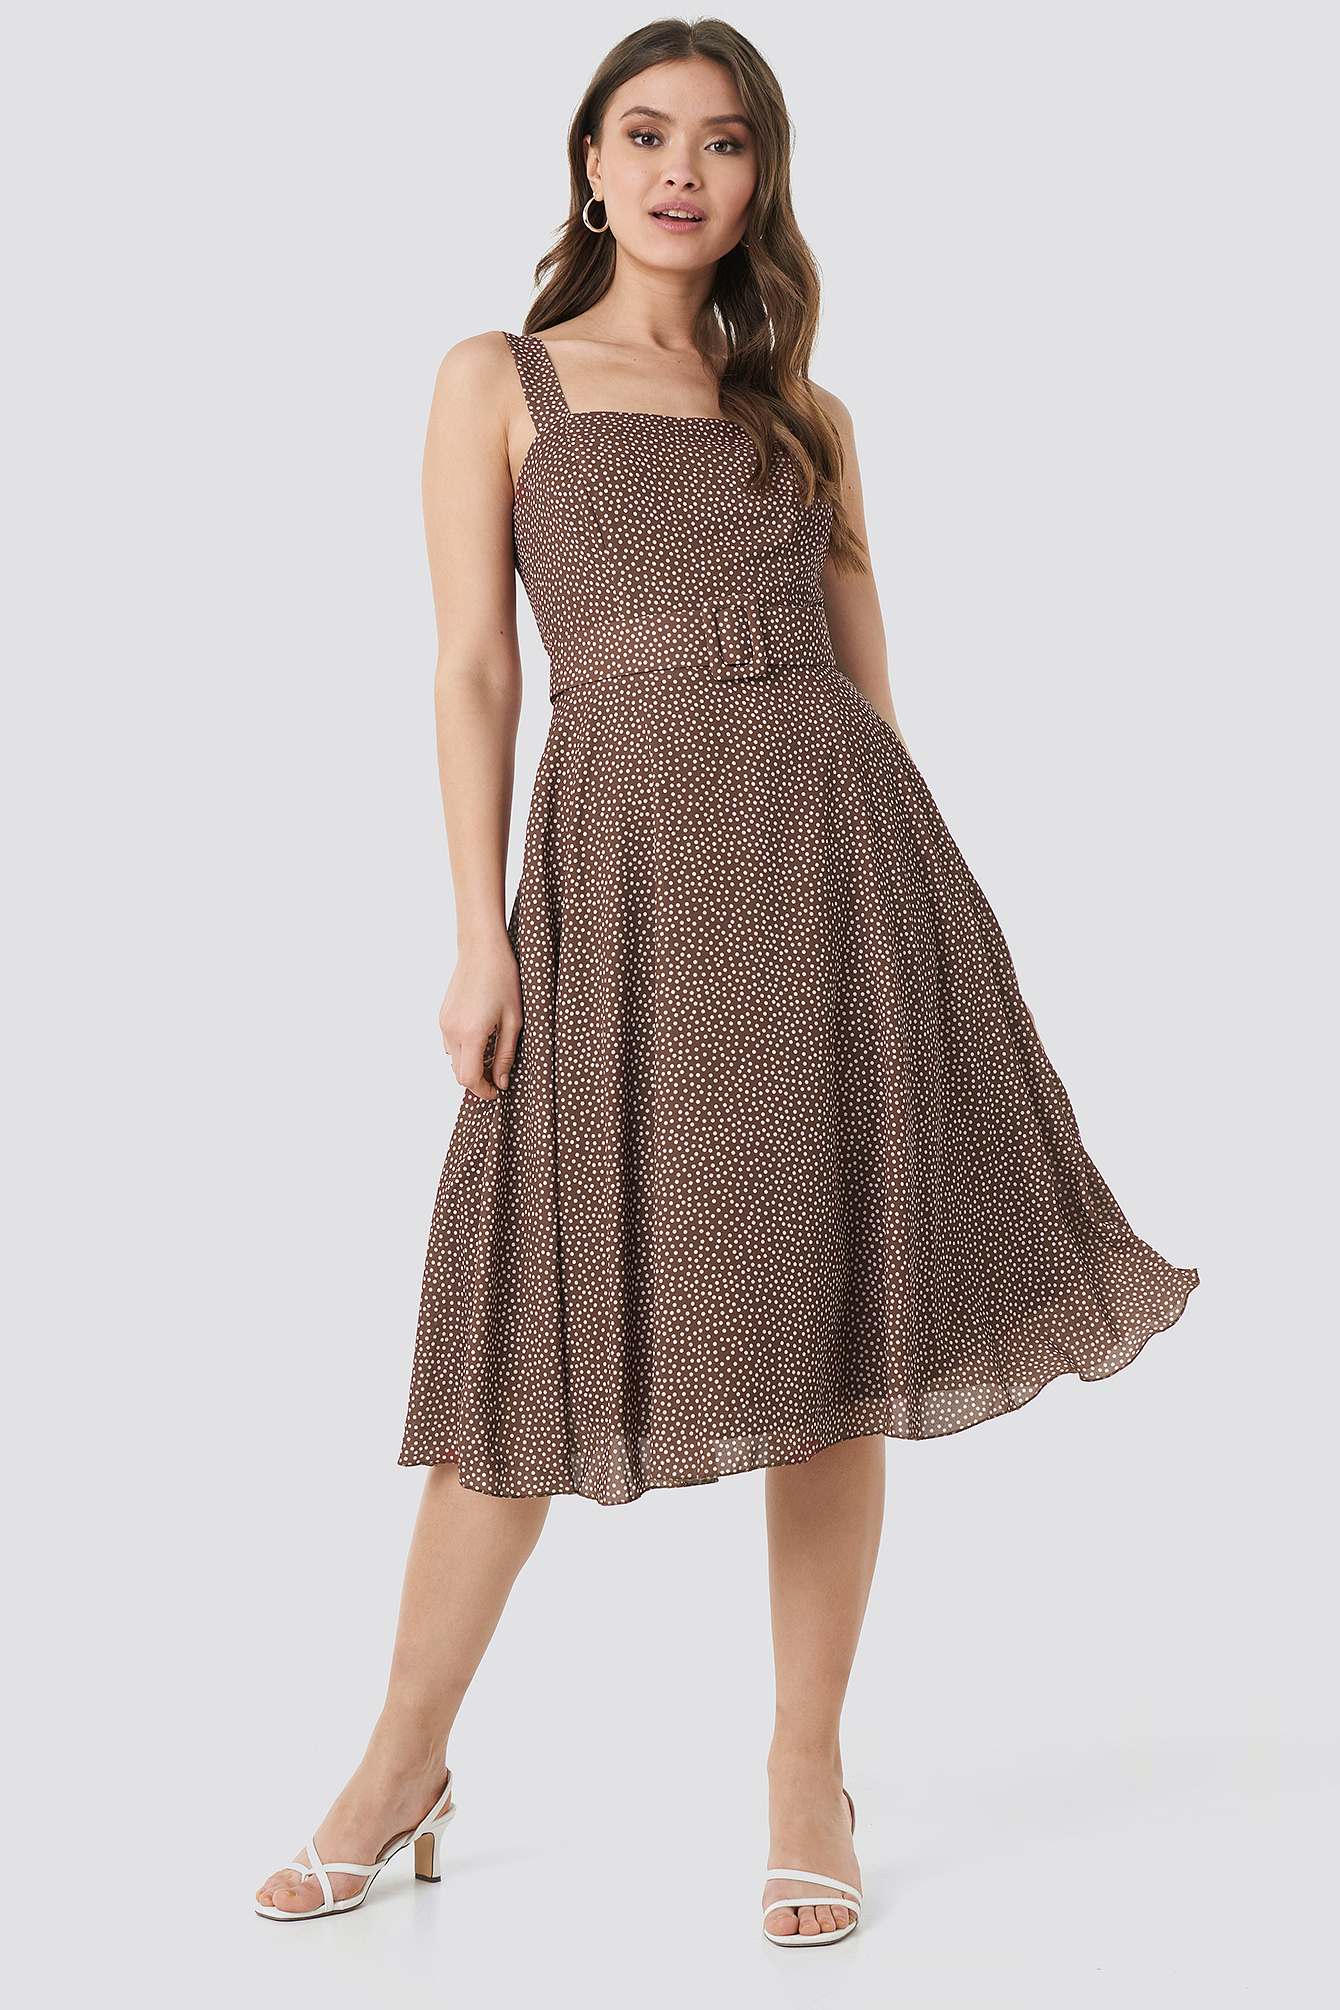 trendyol -  Polka Dot Midi Dress - Brown